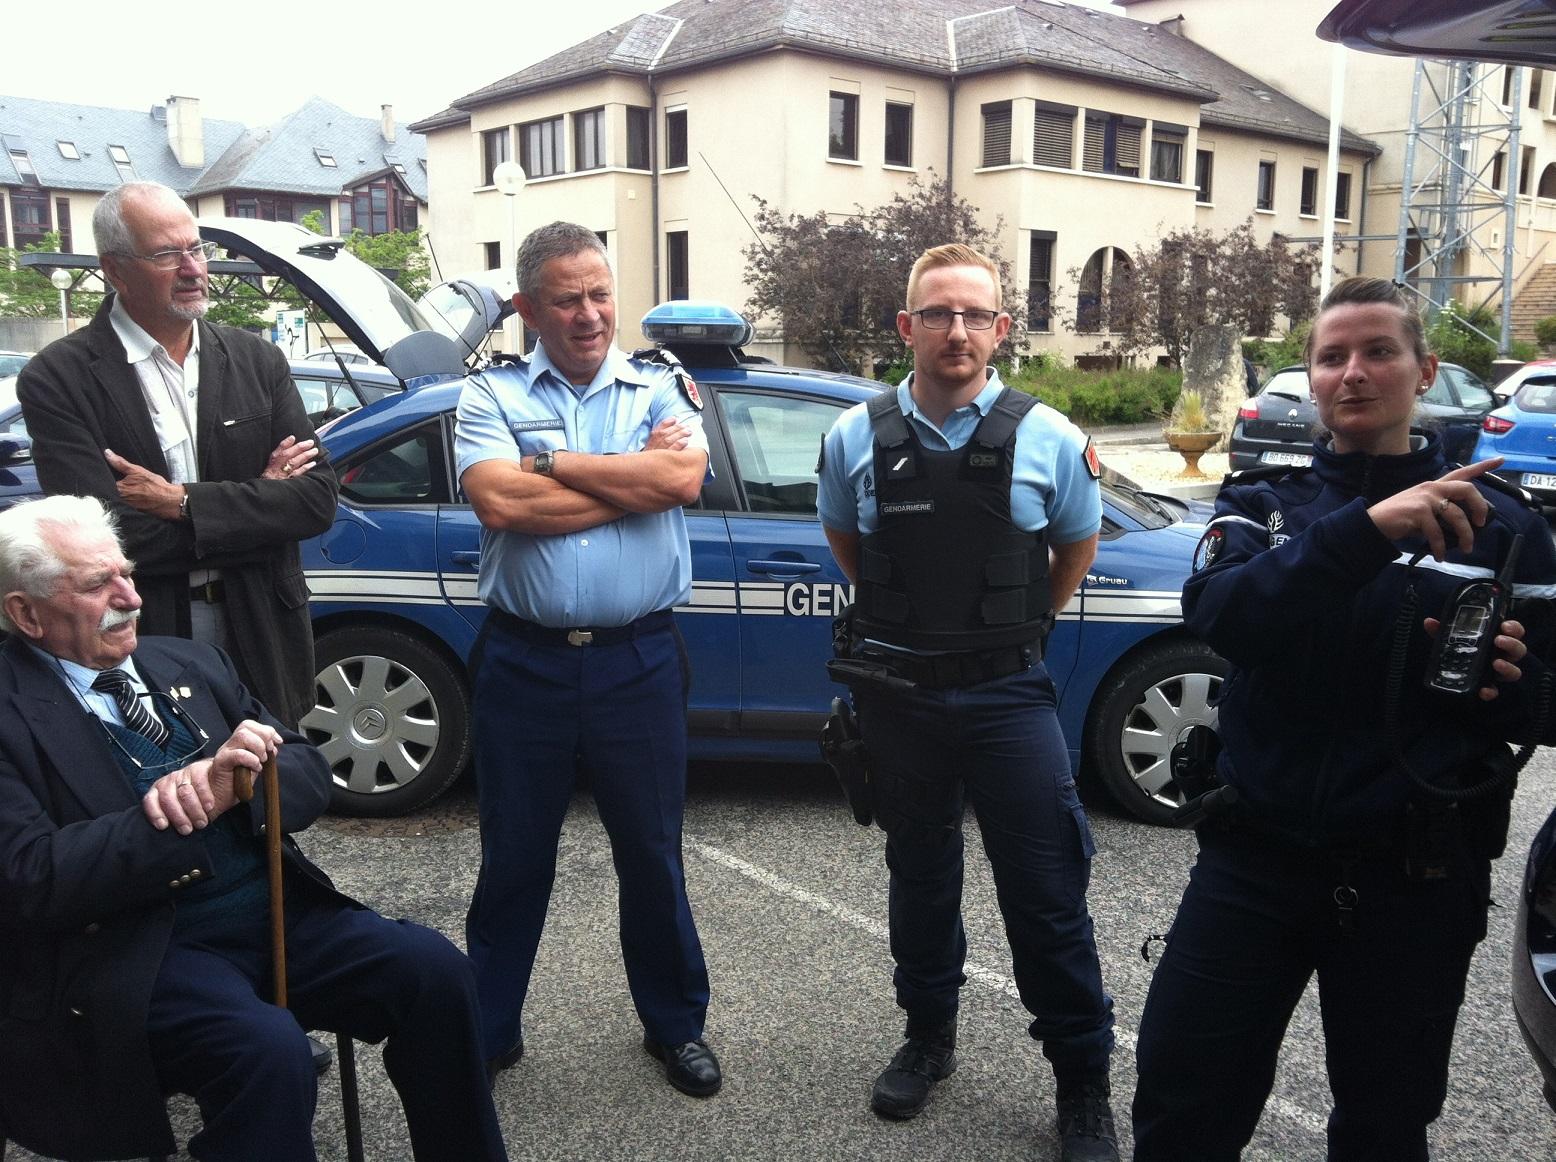 rencontre avec homme gendarme recherche un site de rencontre sérieux